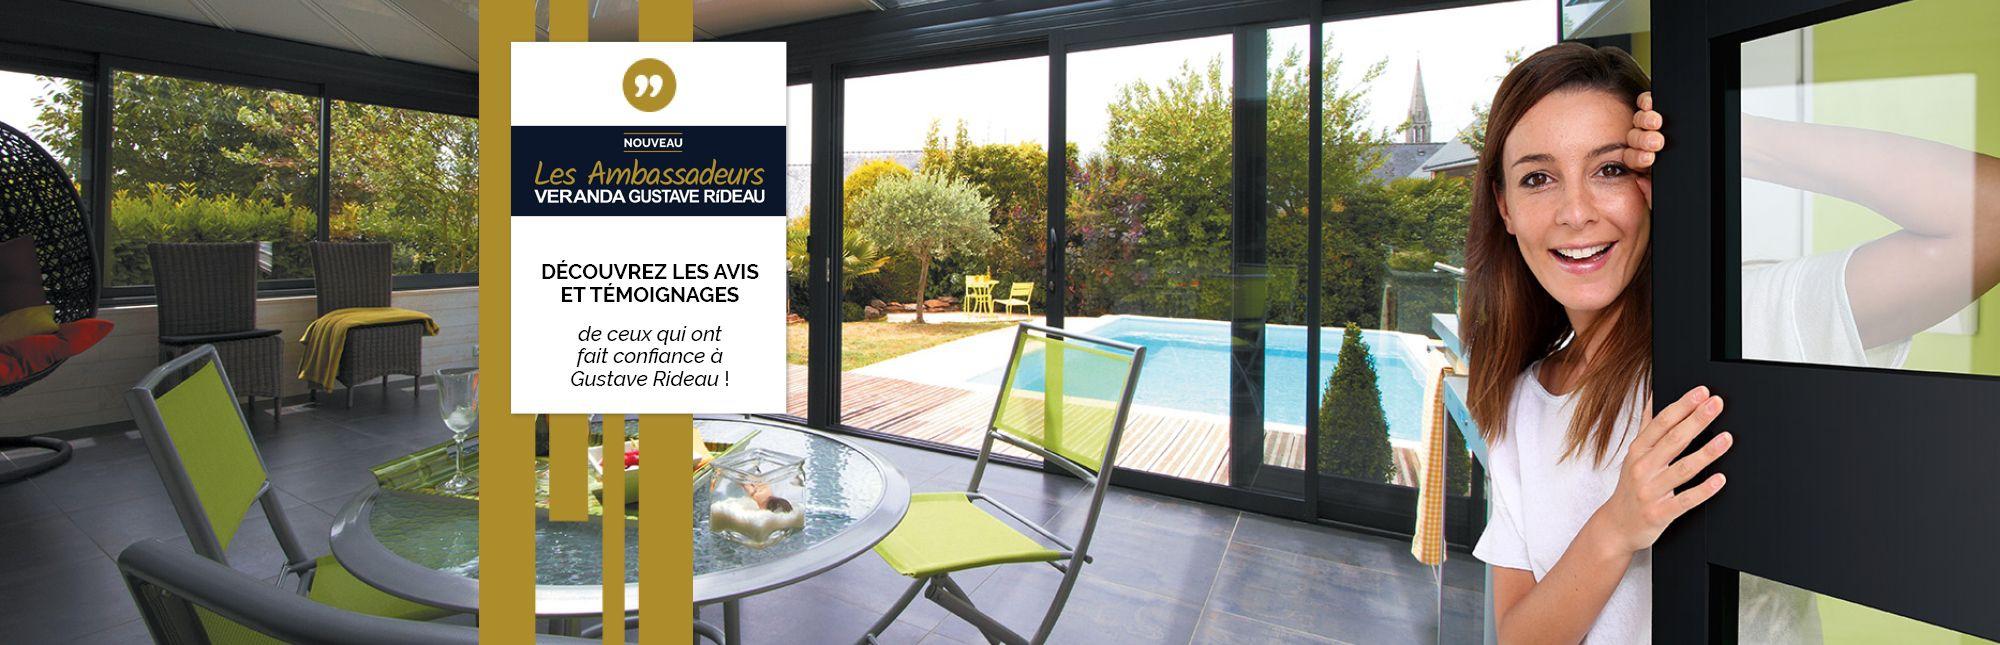 Abri De Terrasse En Aluminium: Fabrication Sur Mesure - Abri ... encequiconcerne Abri De Terrasse Ferme